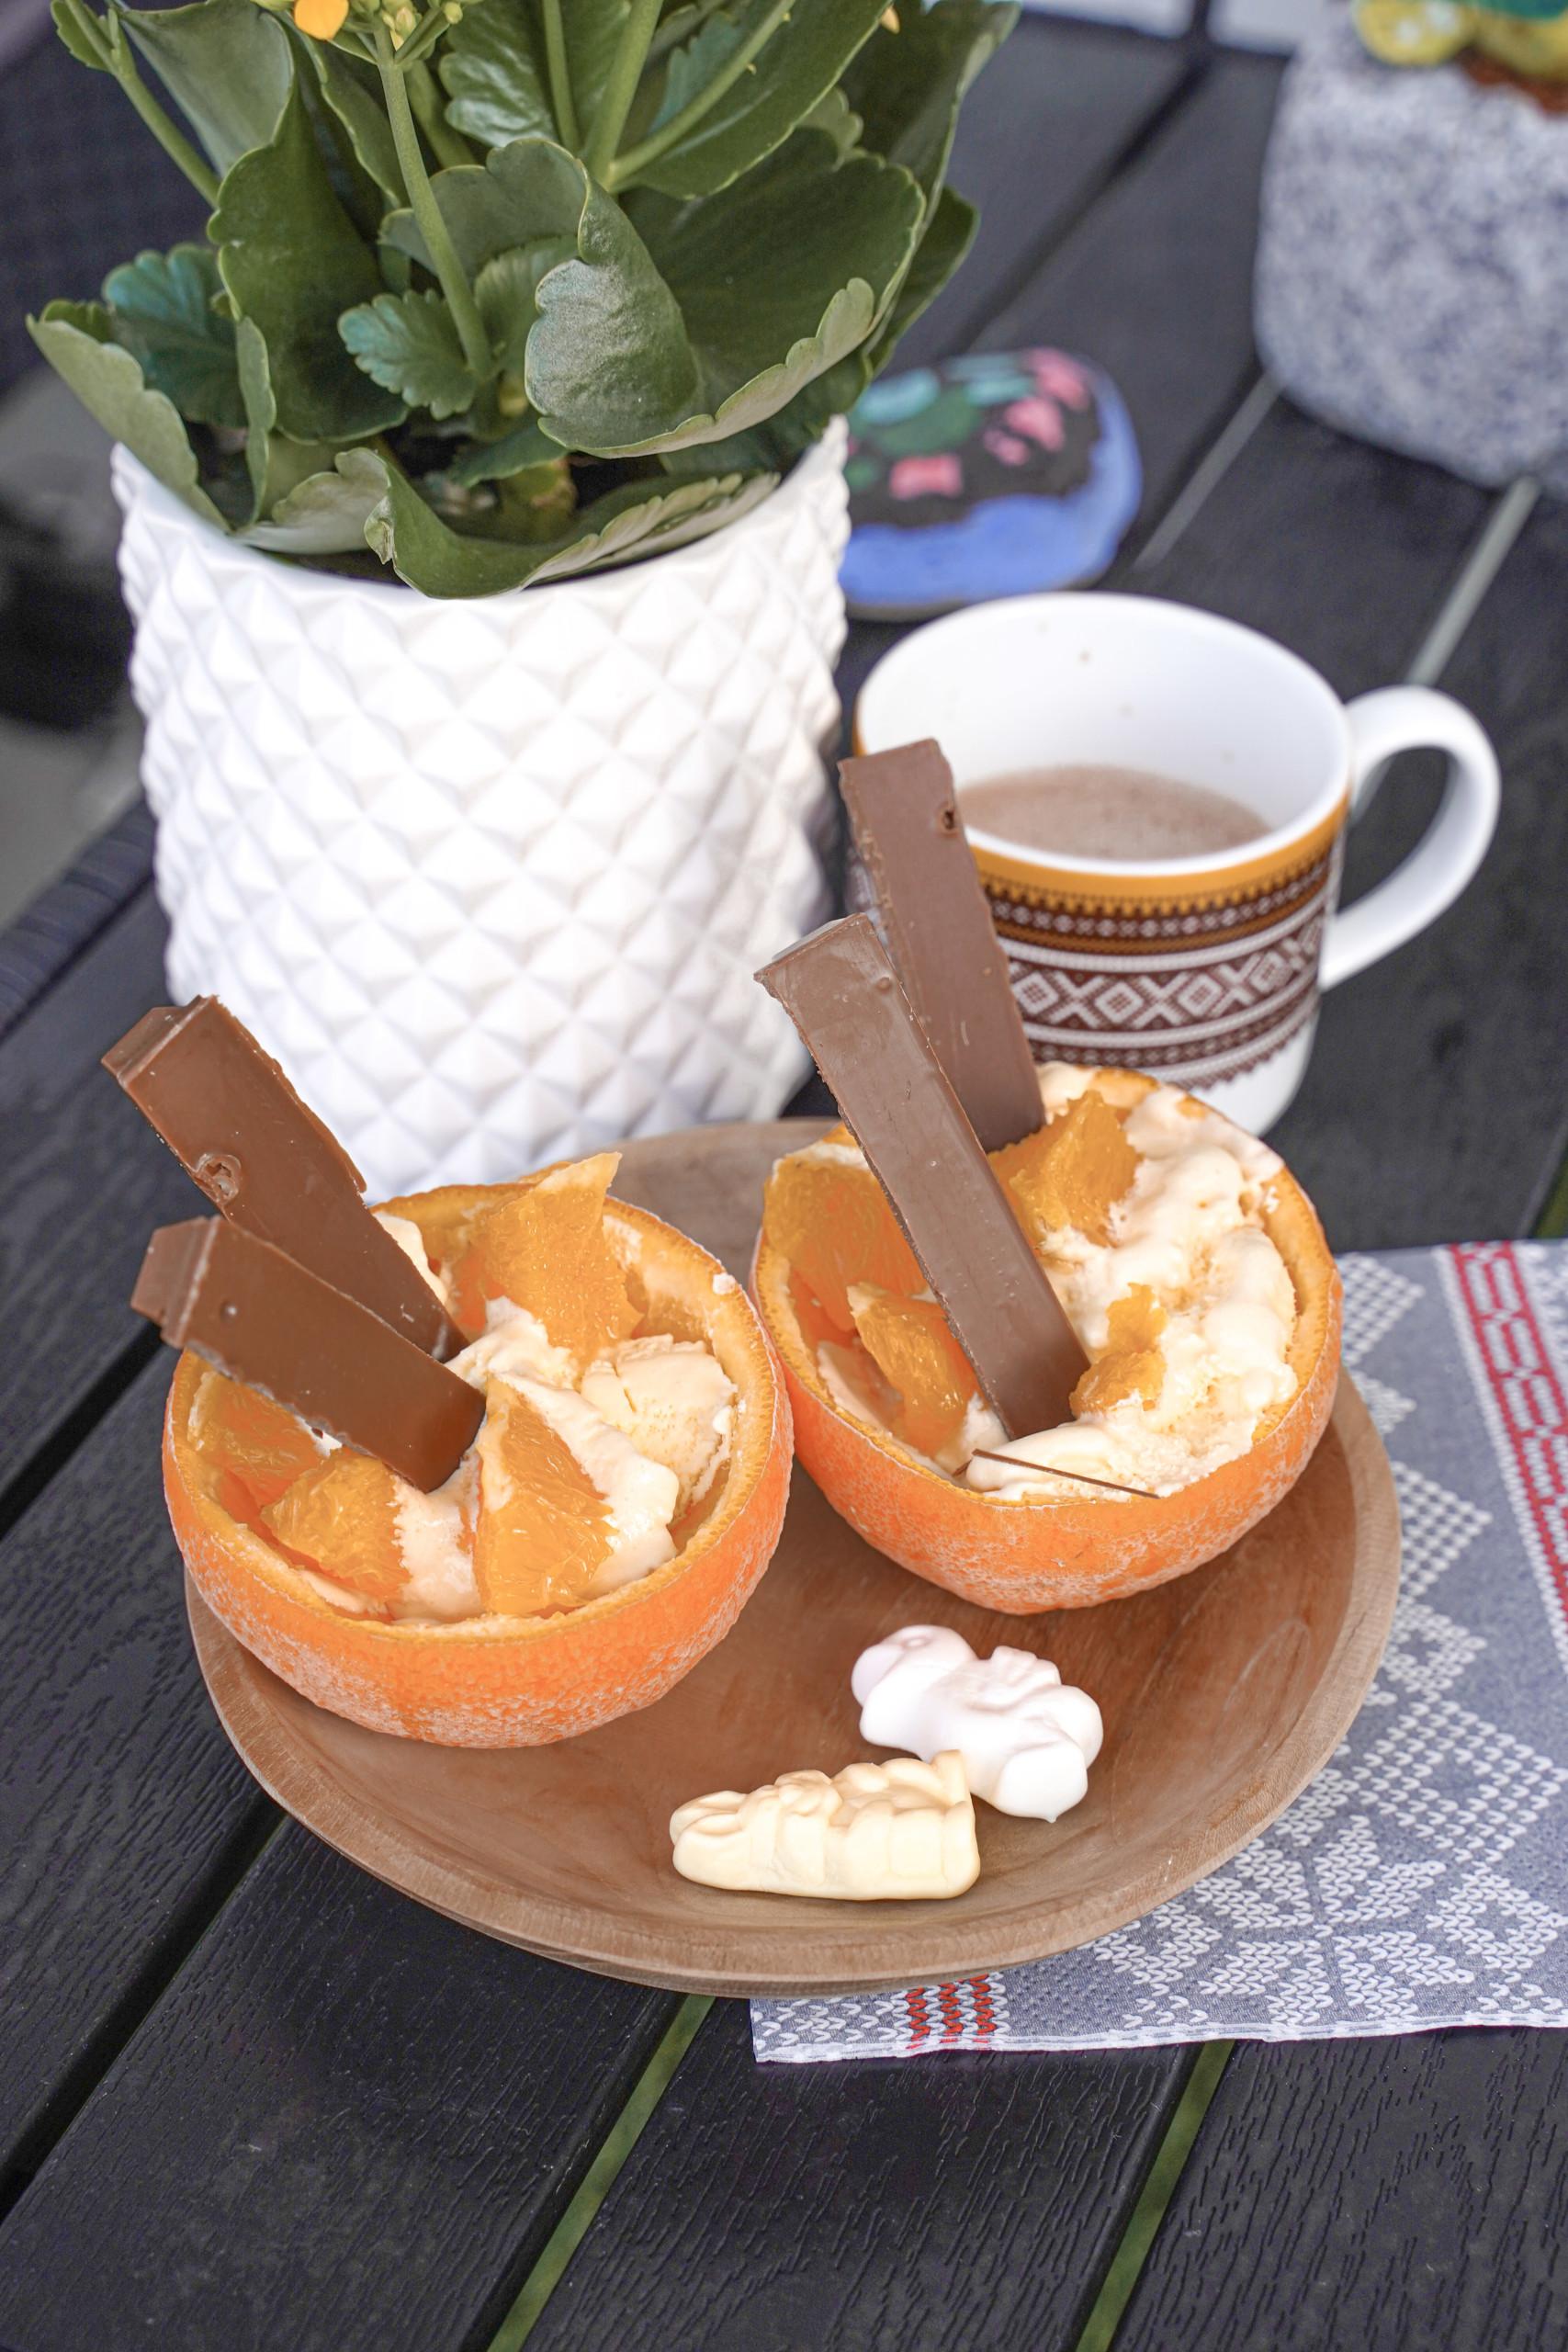 appelsin dessert